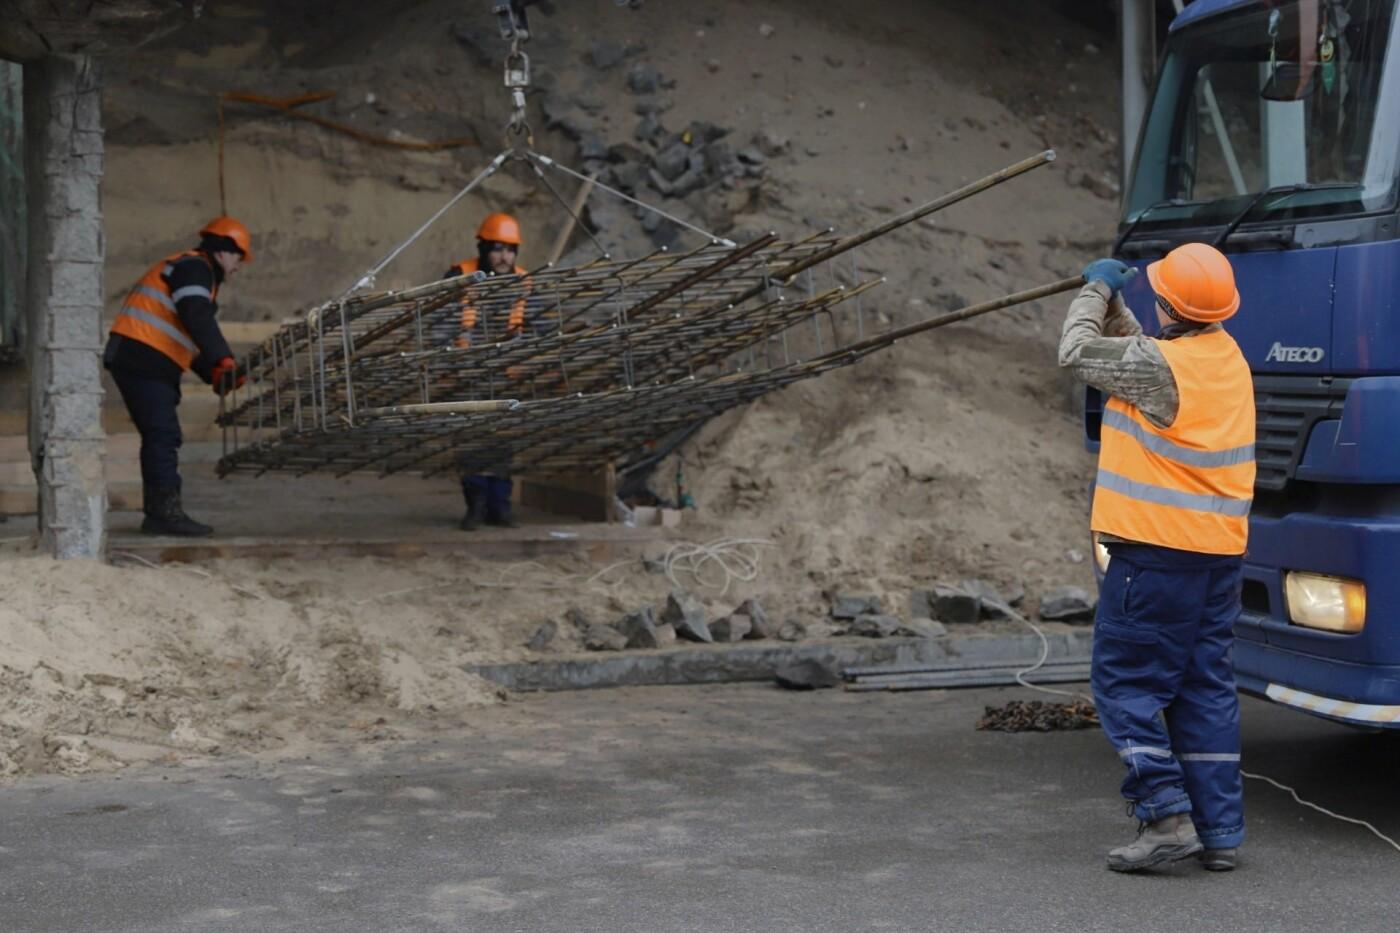 В Днепре ремонтируют аварийный путепровод, - ФОТО, фото-4